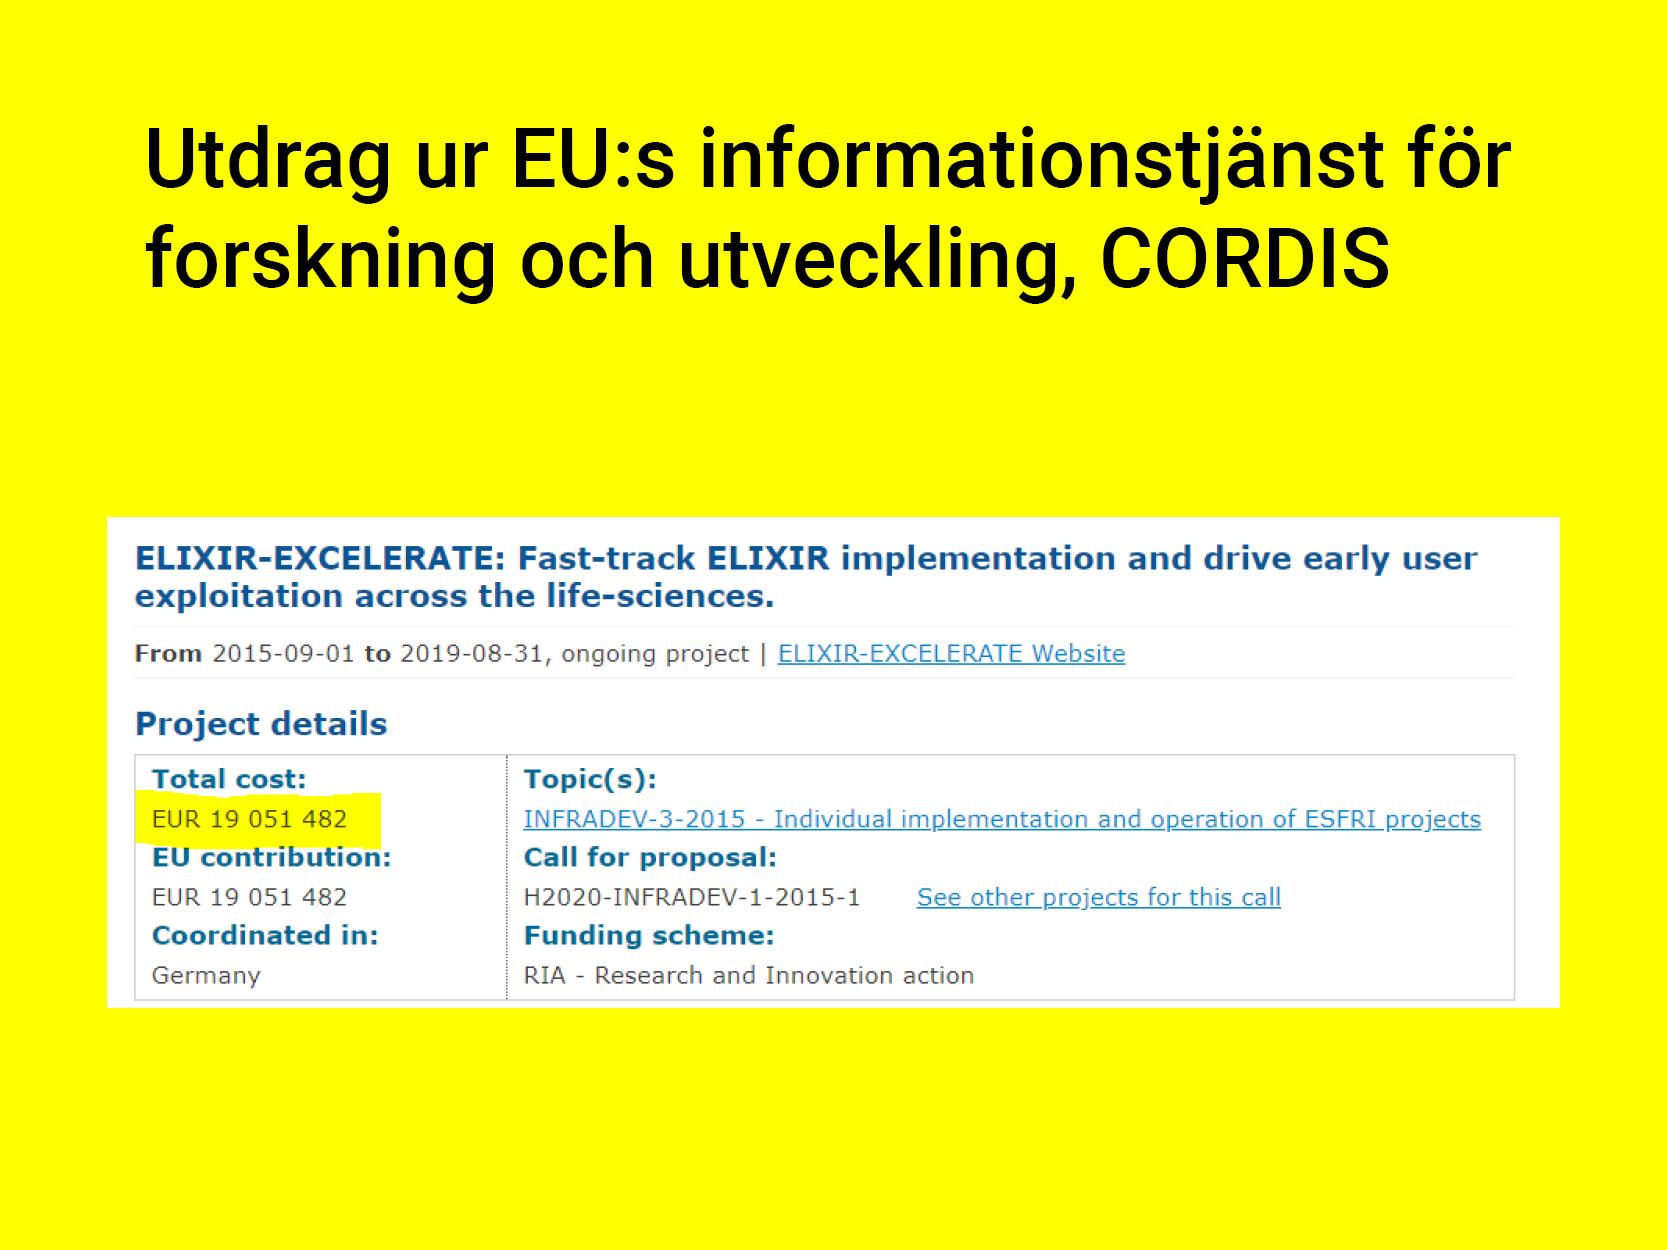 CORDIS – så här redovisas ett forskningsprojekt inom EU med en budget på 19 miljoner Euro fördelat på 18 länder. -